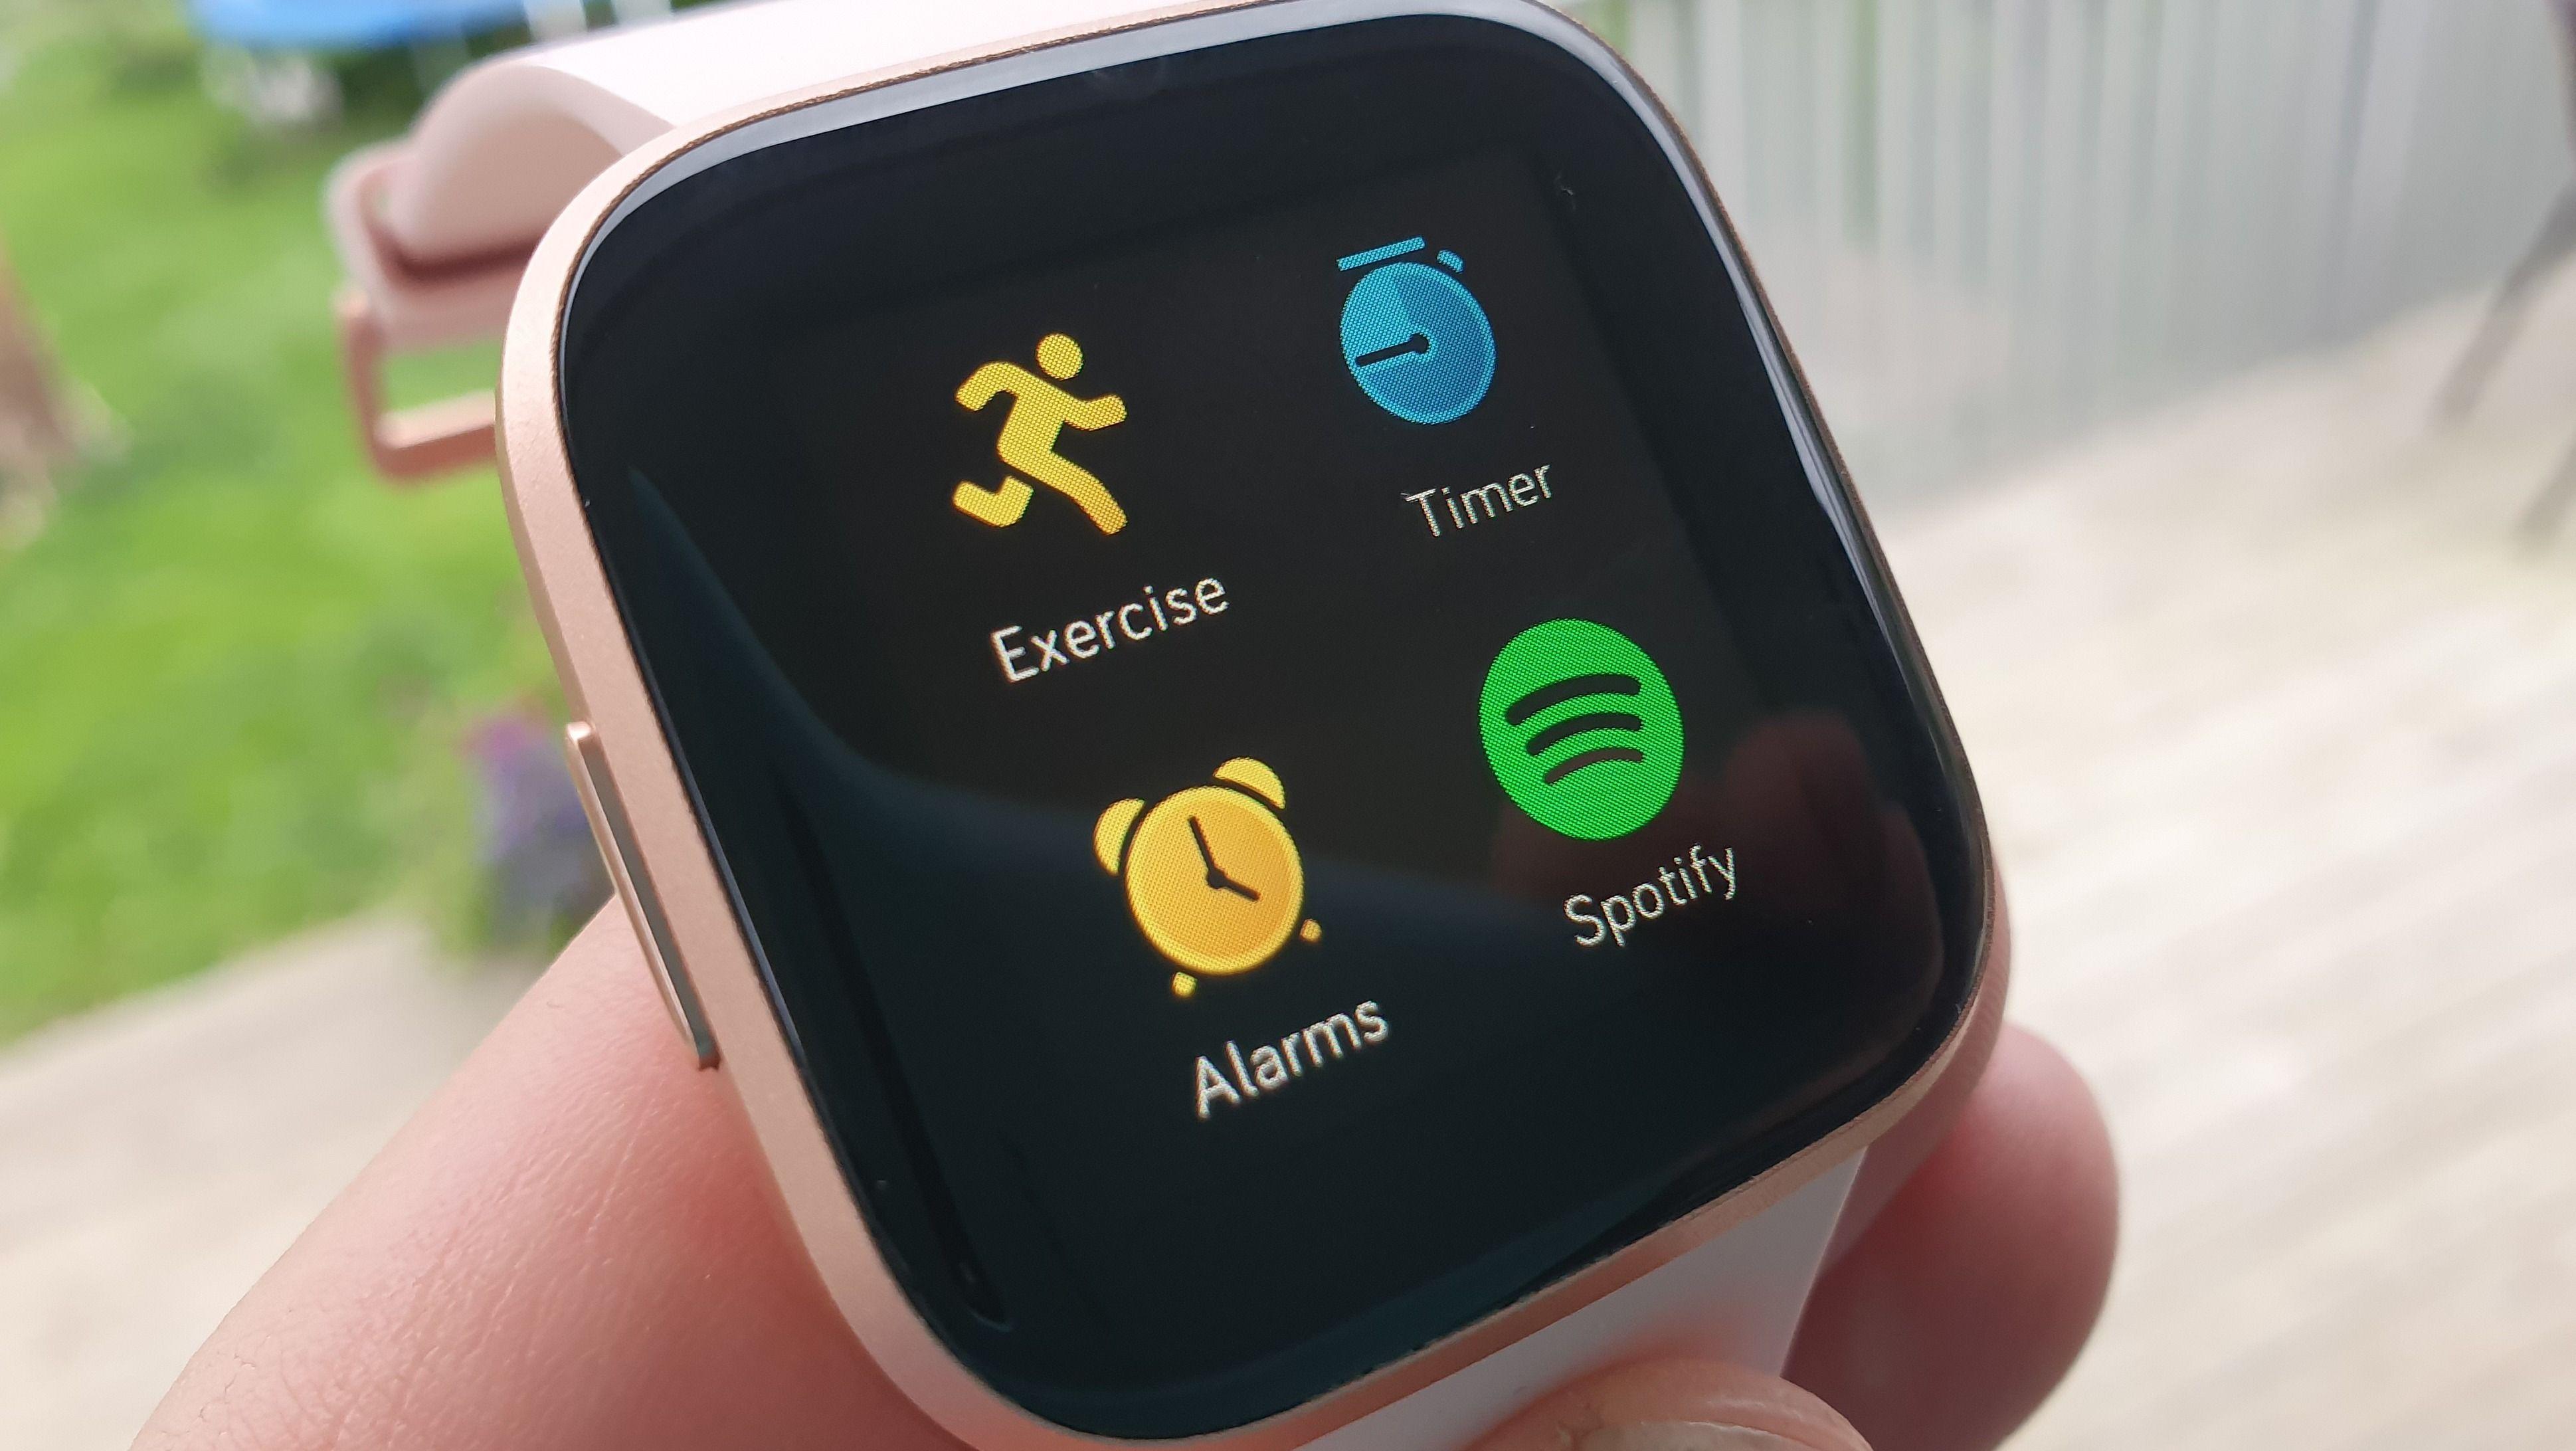 Klokken har noen apper ut av esken. Blant annet Spotify.